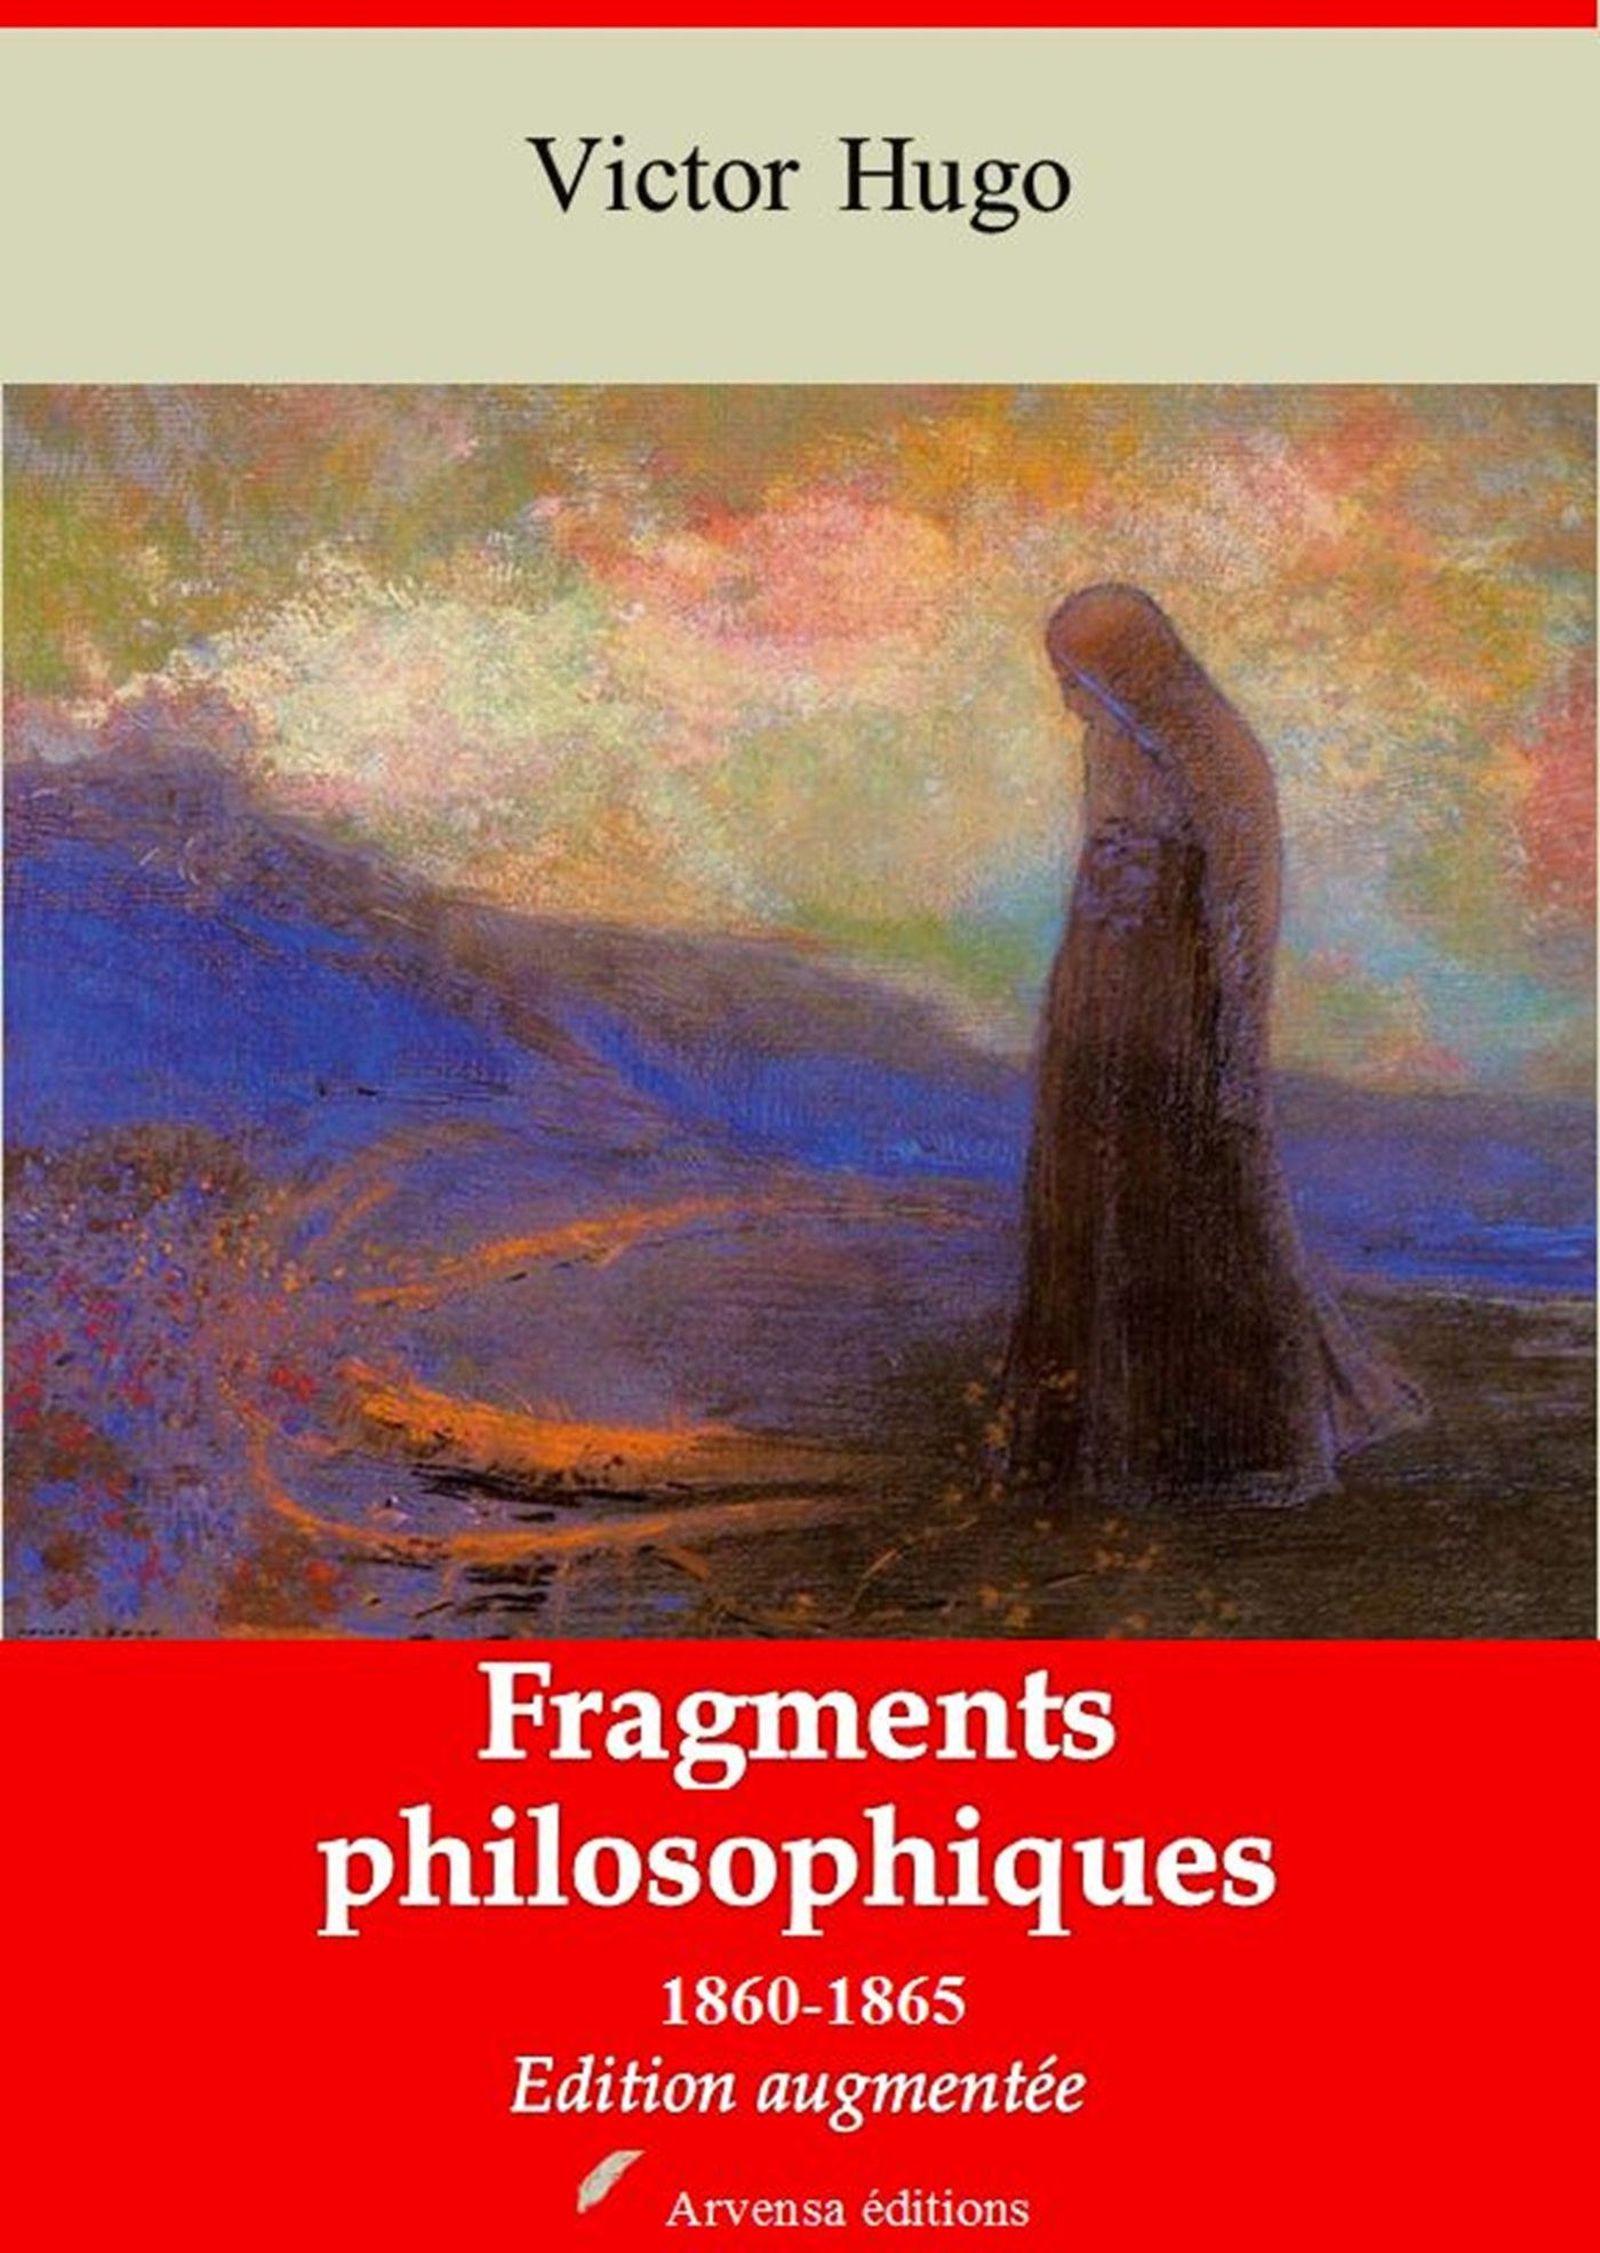 Fragments philosophiques 1860-1865 - suivi d'annexes